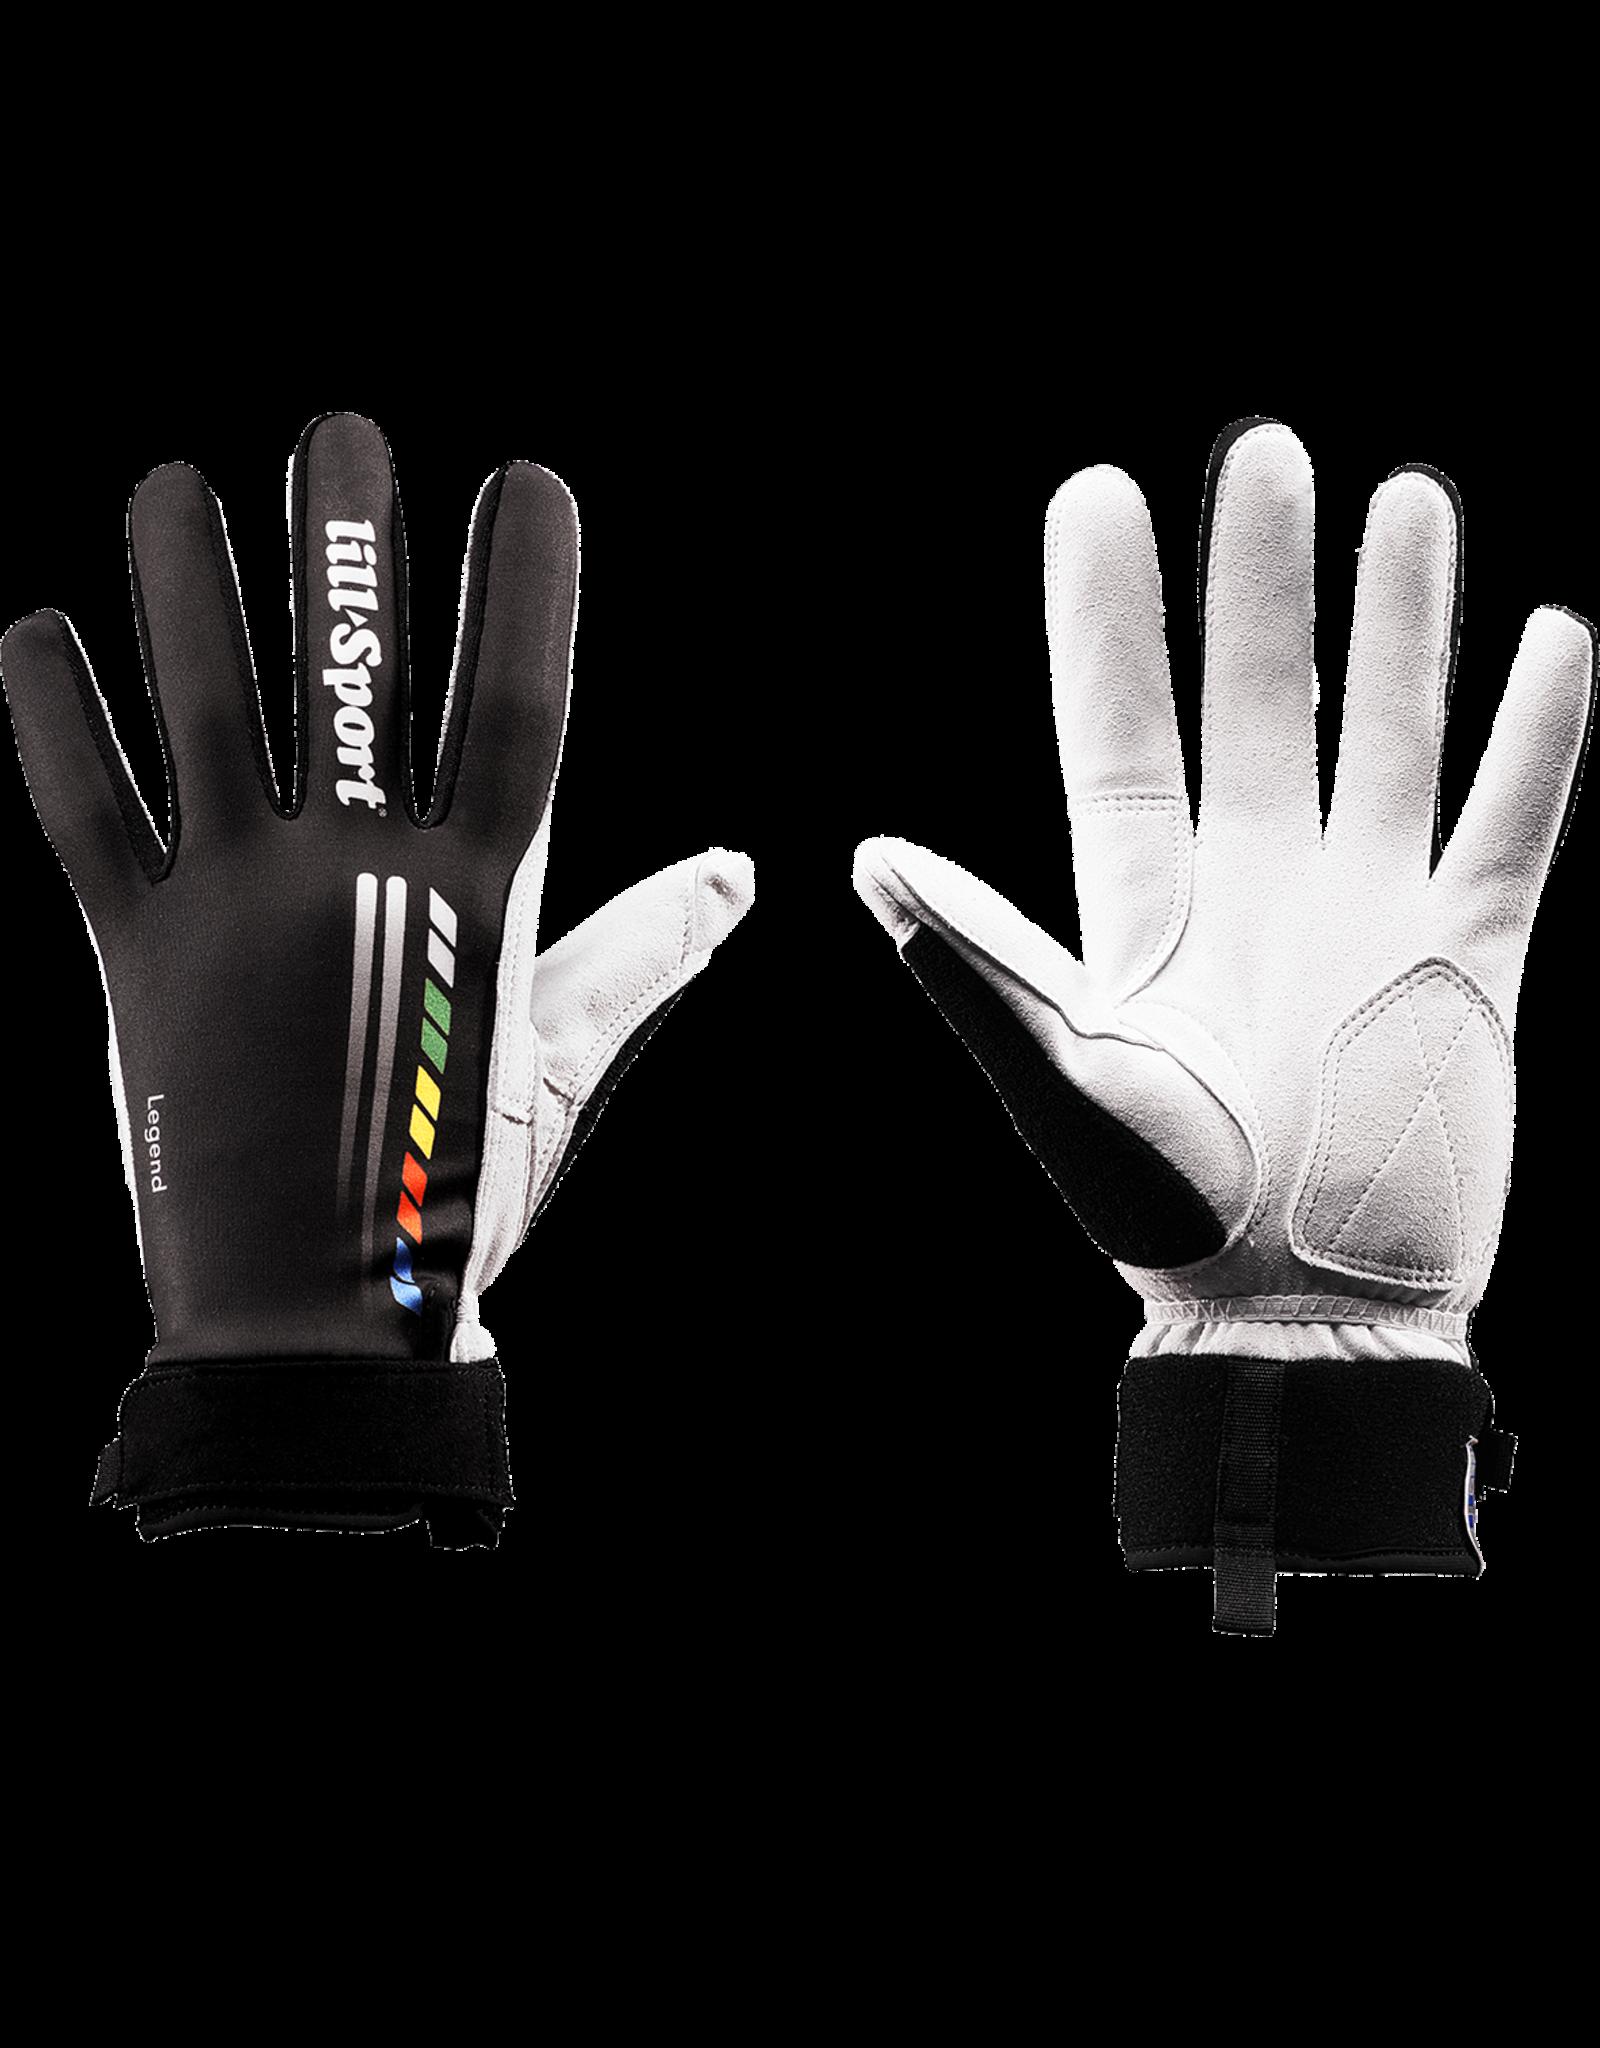 Lill-Sport Lill-Sport Legend Glove